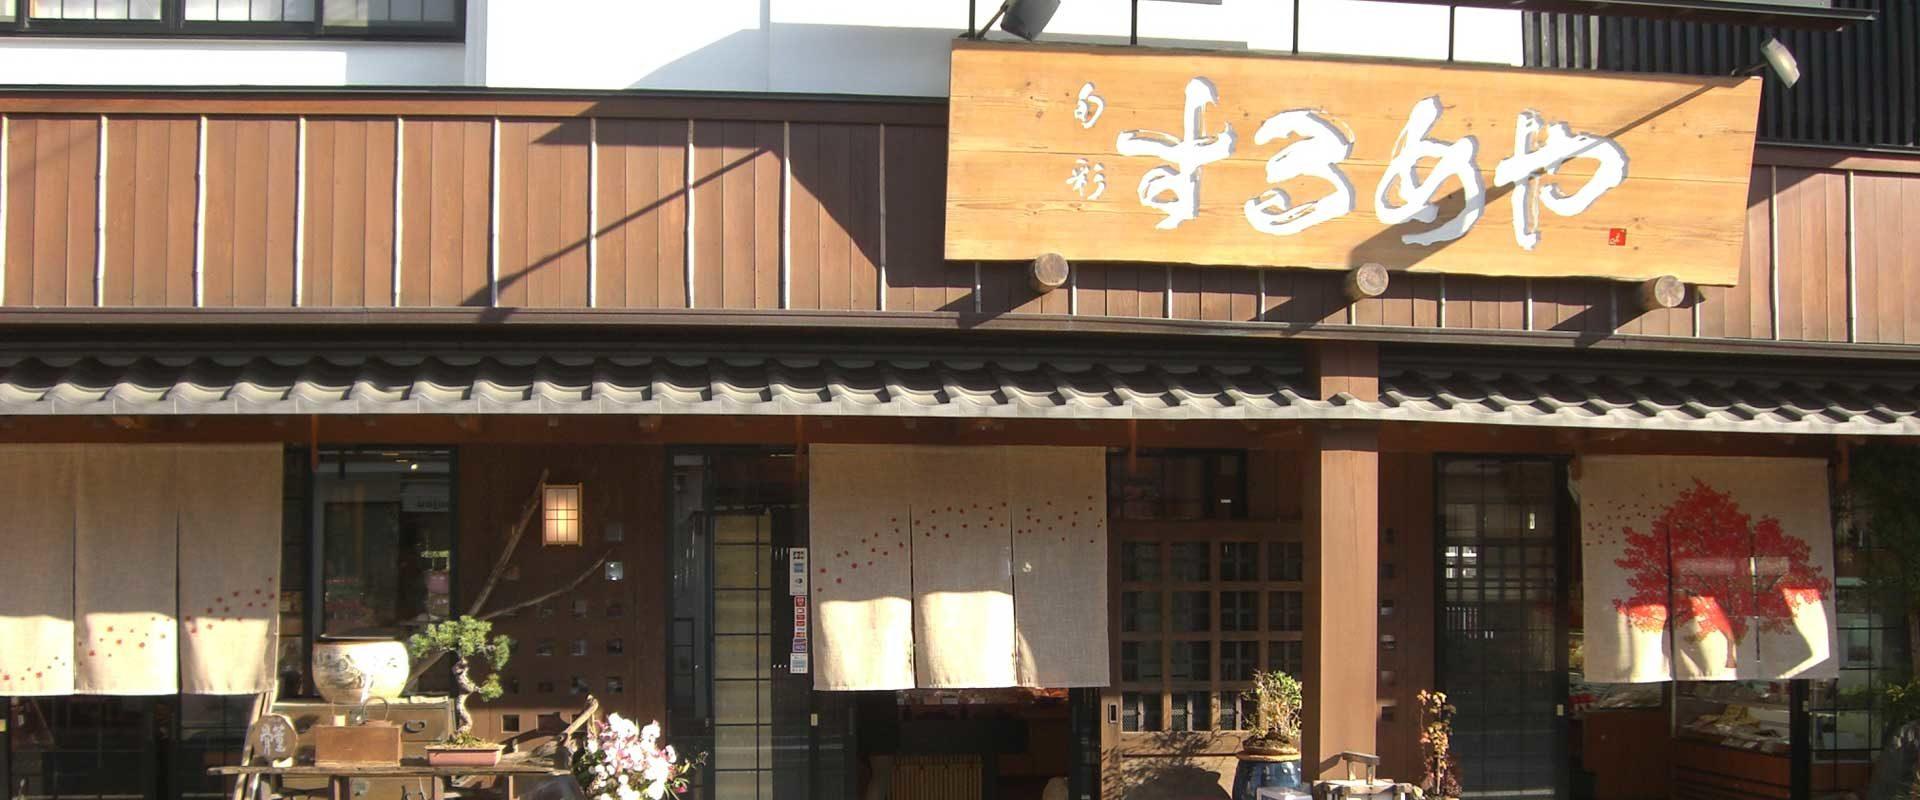 店舗外観-秋-